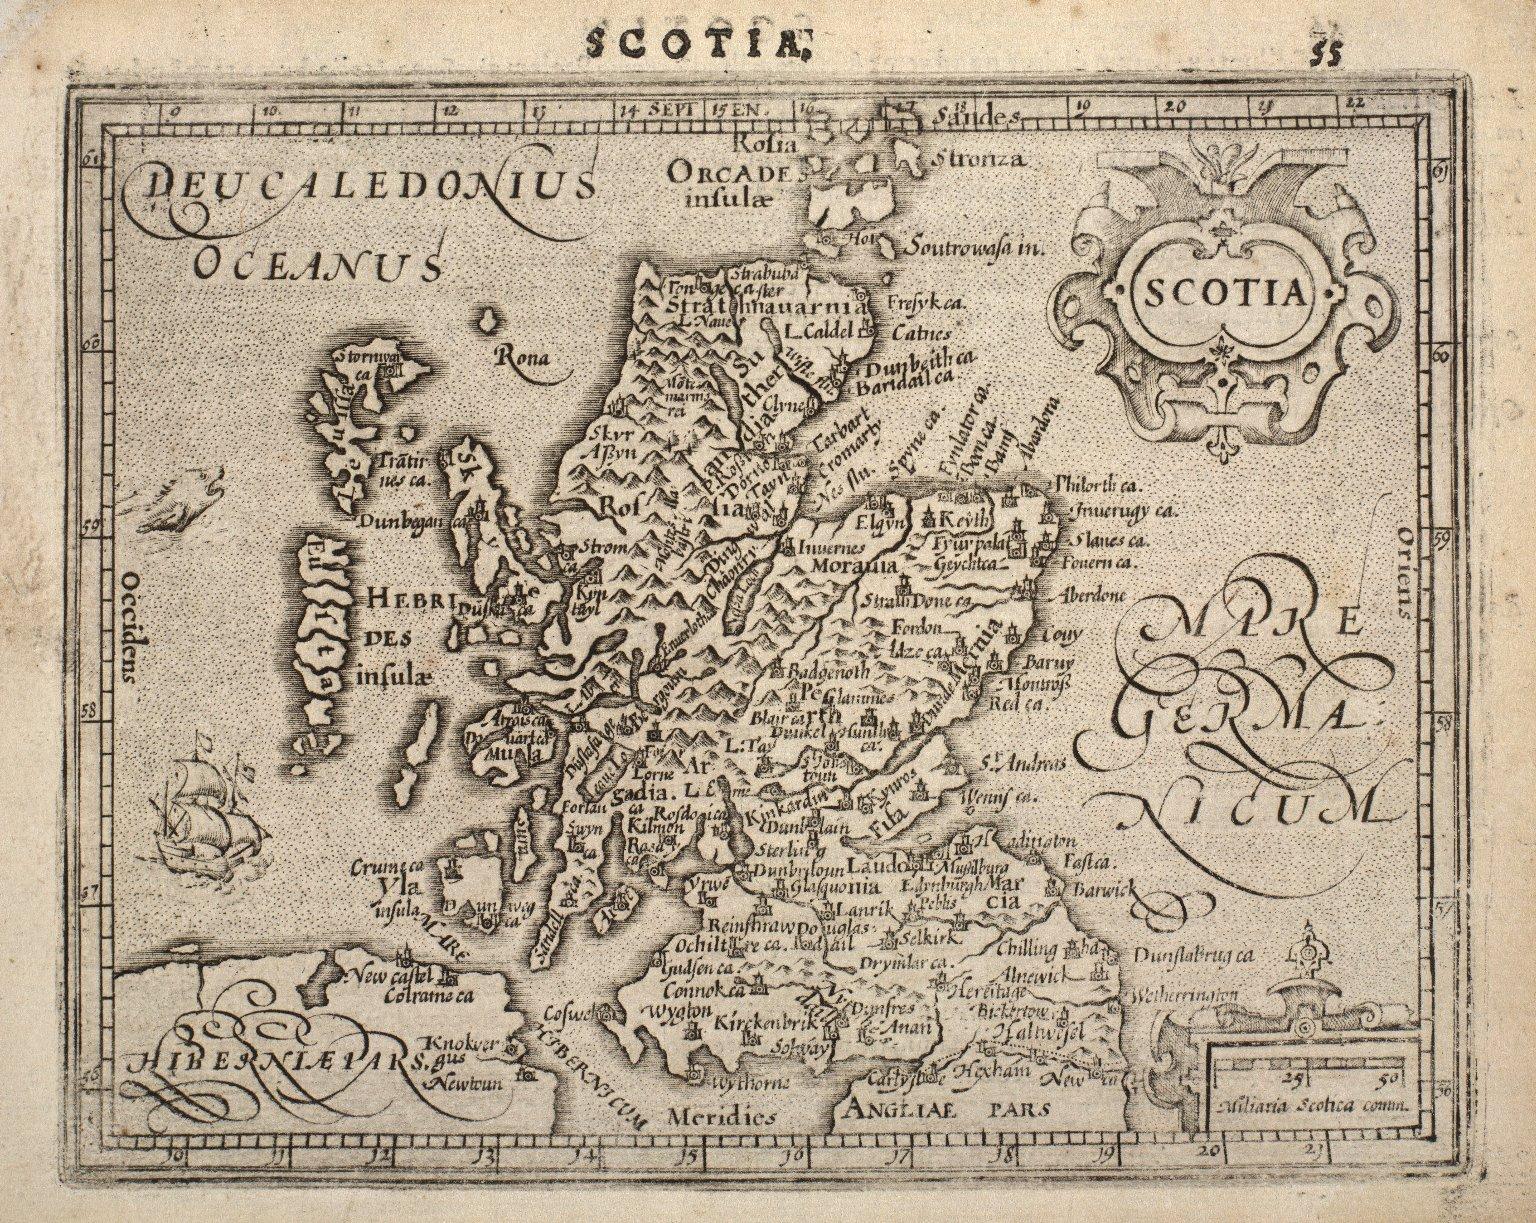 Scotia. [1 of 2]